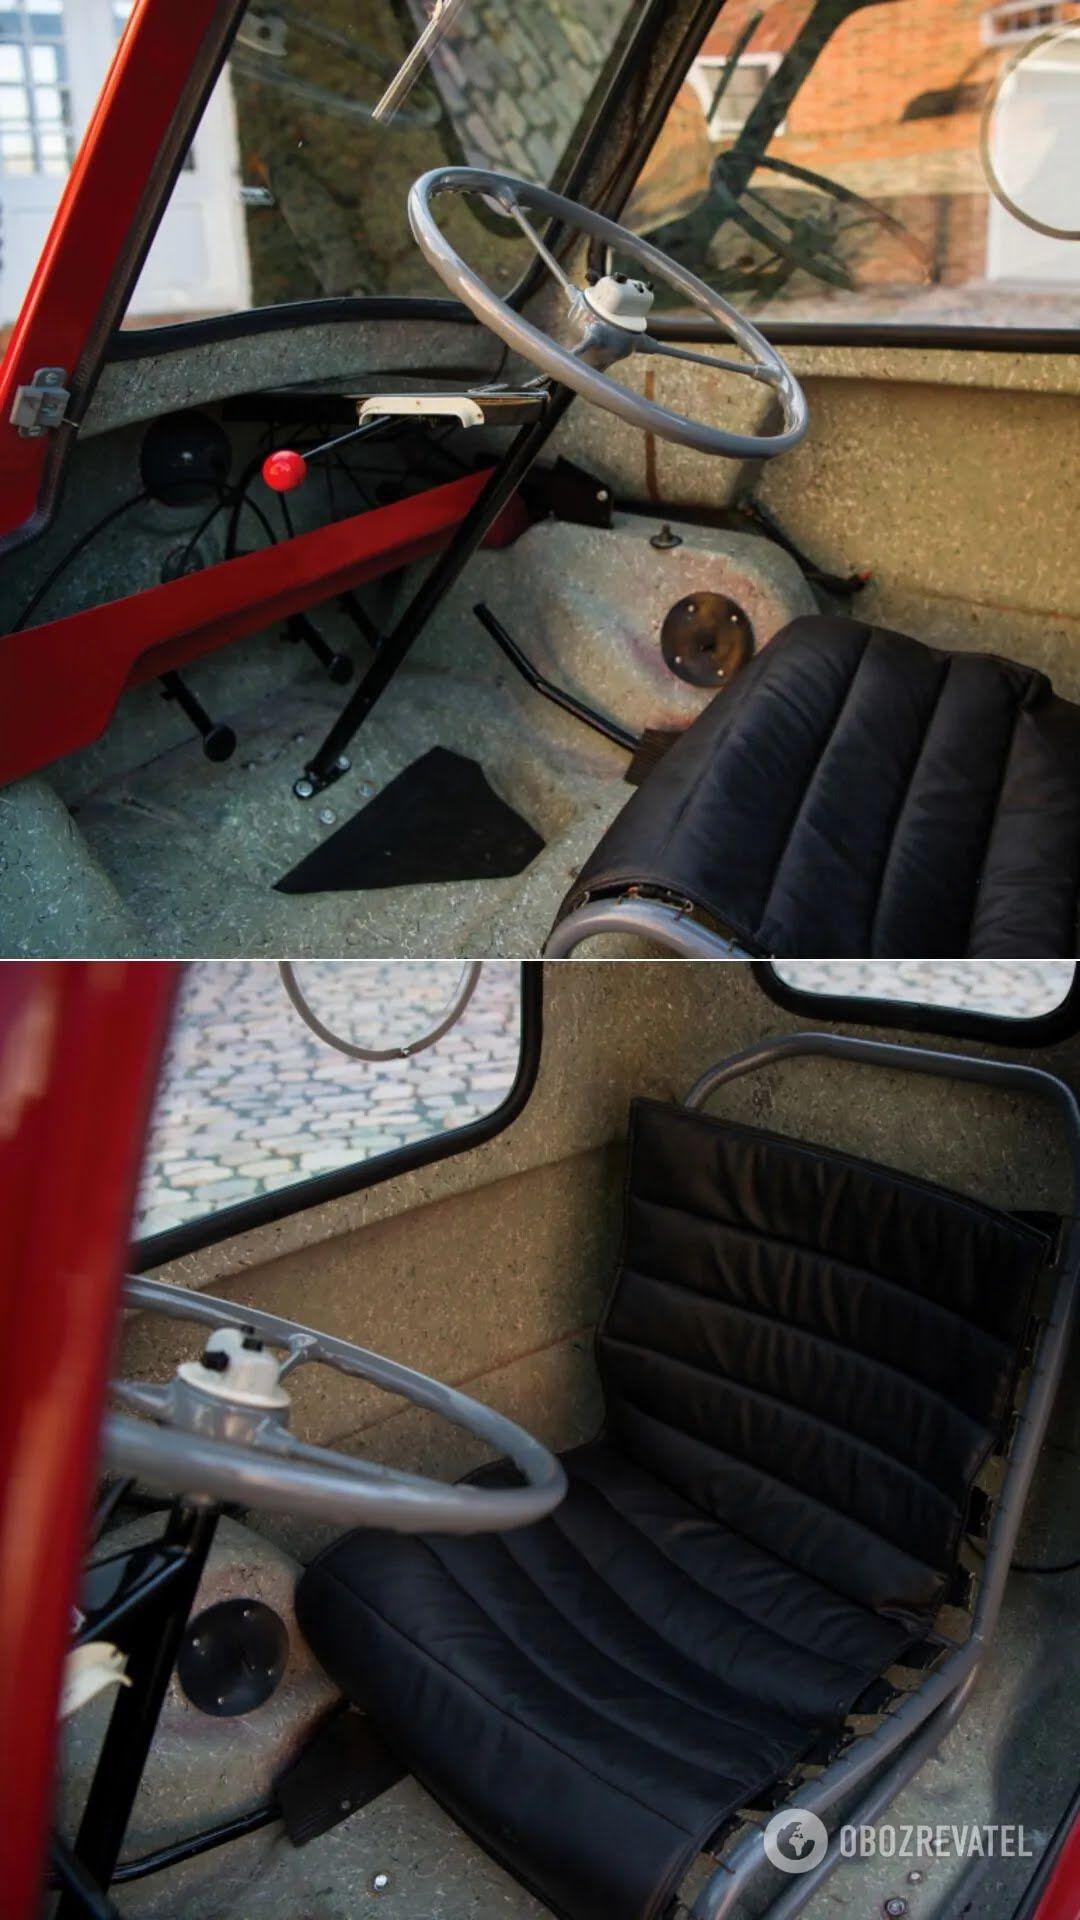 У Peel P50 – 49-кубовый двухтактный двигатель от мопеда с мощностью в 4,2 л. с.